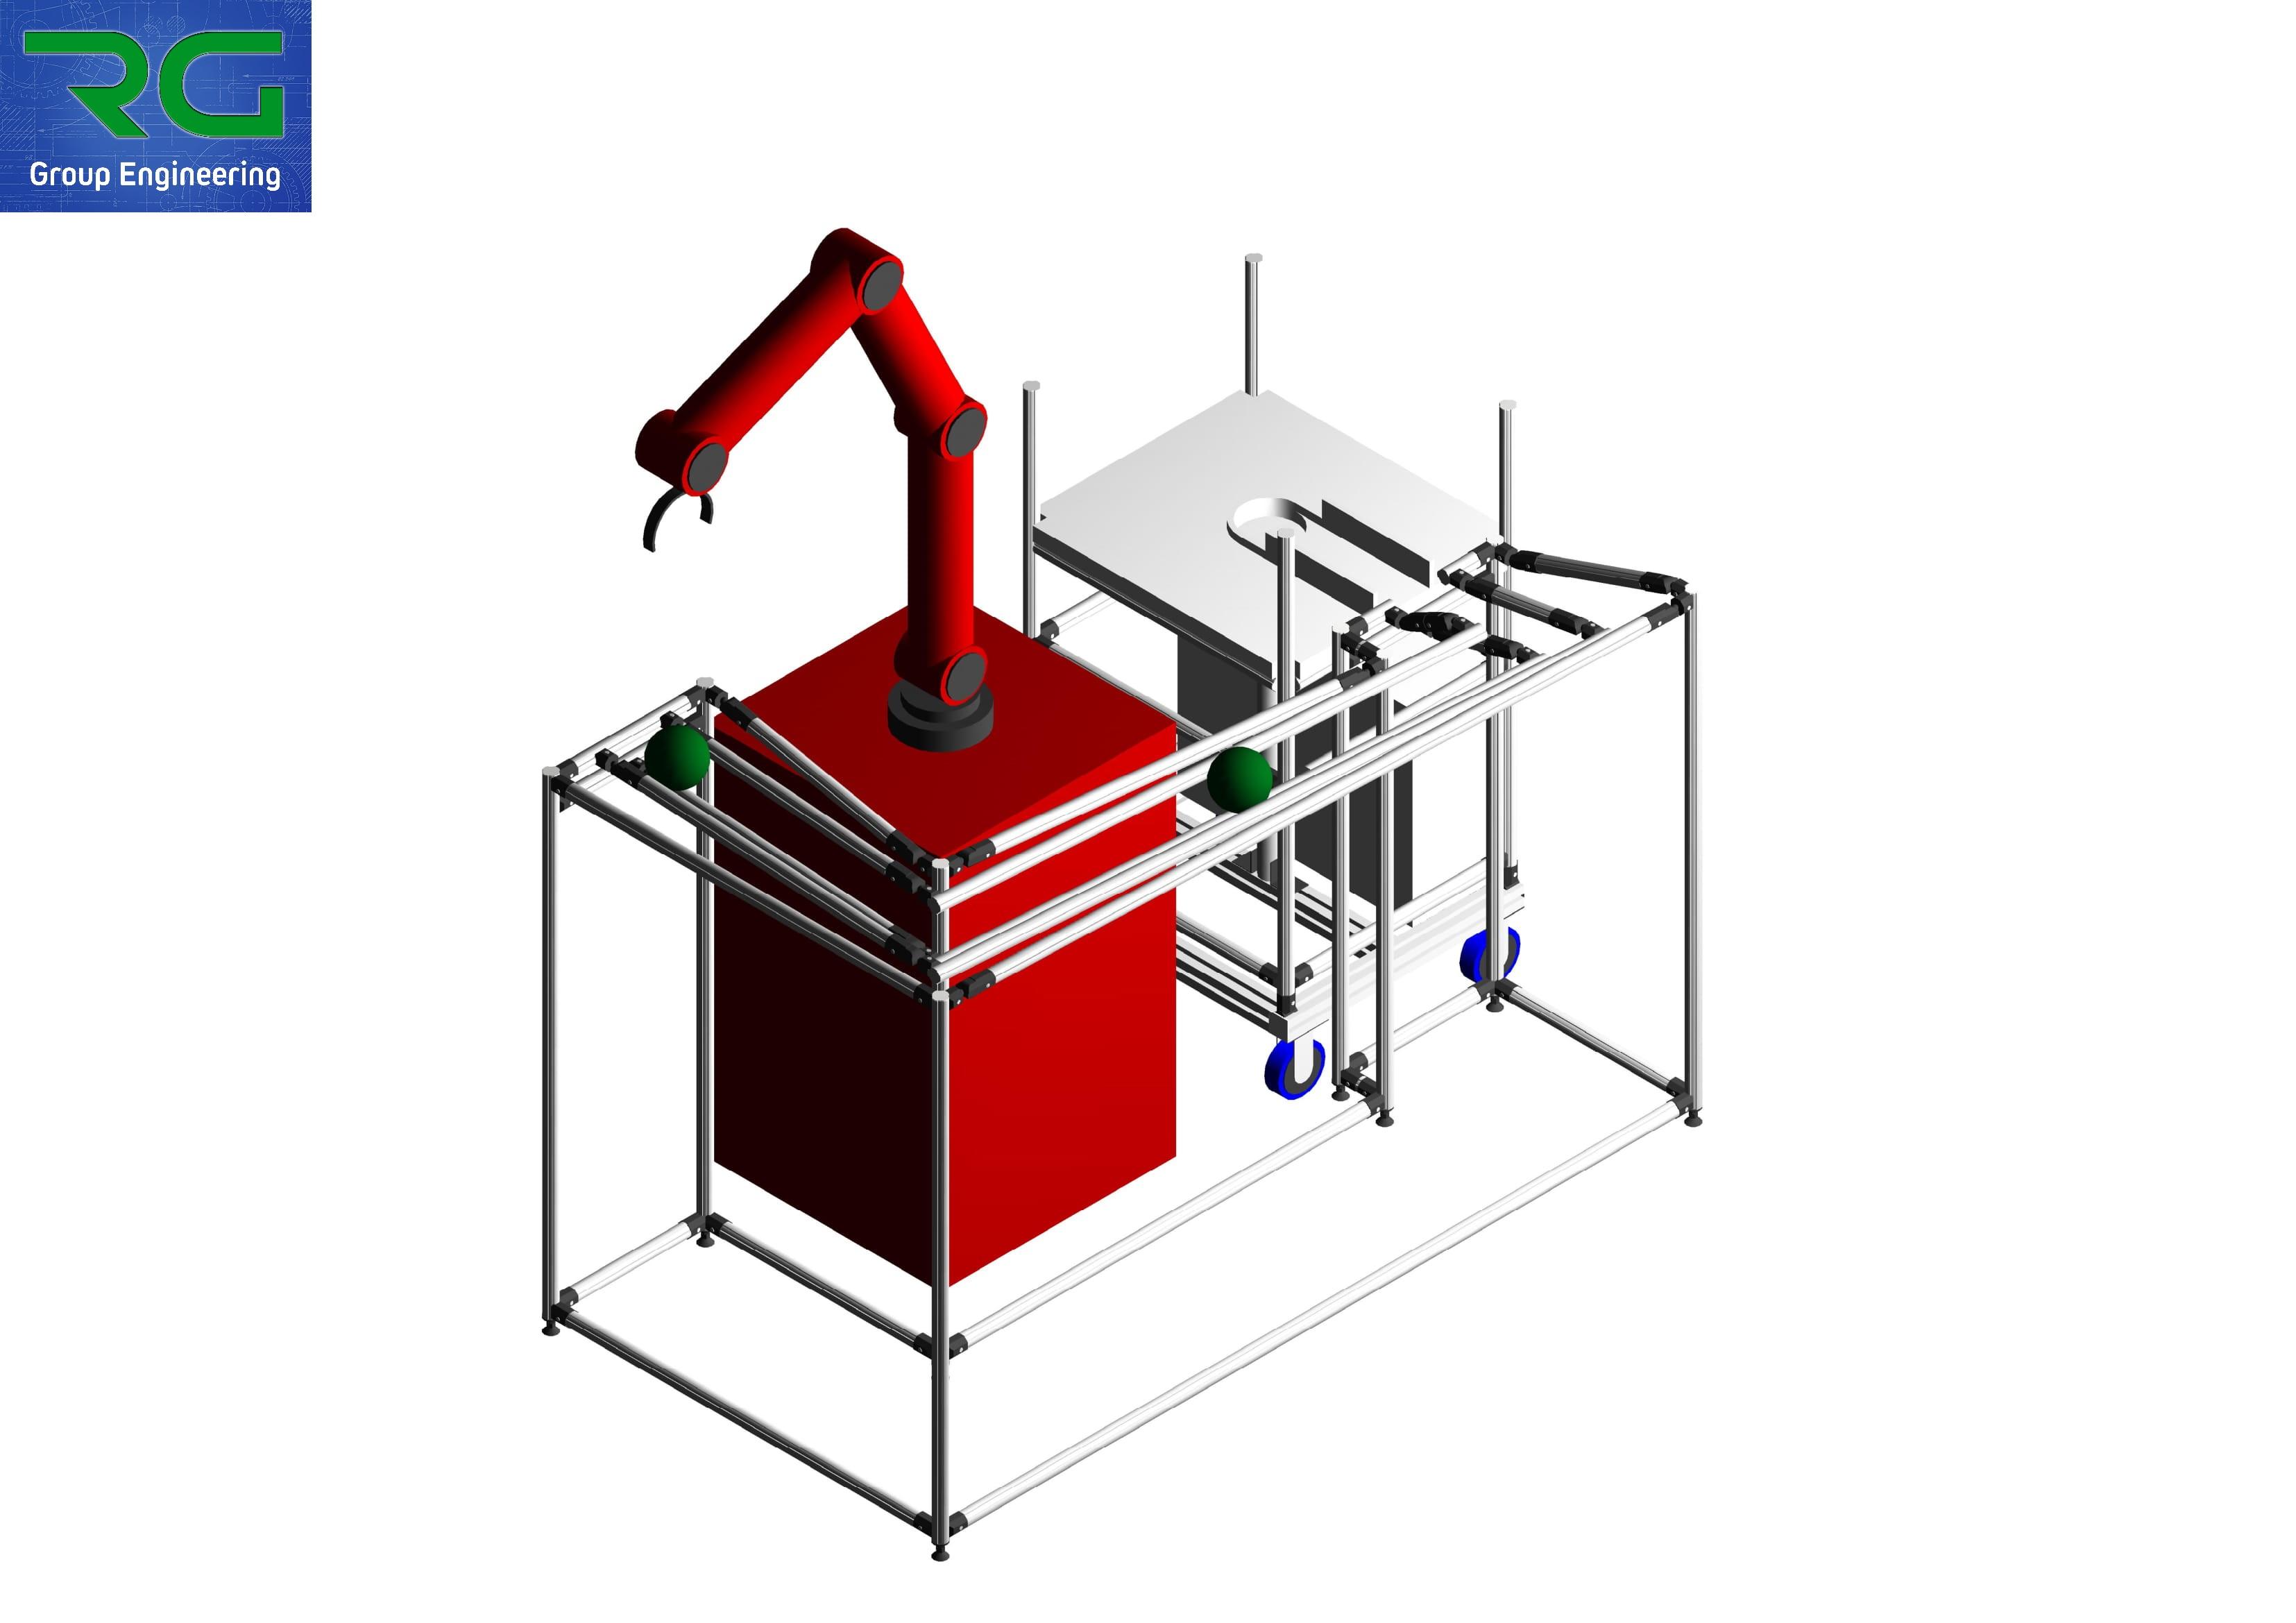 POSTAZIONE INTEGRATA Struttura lean in alluminio presentata in occasione della fiera SPS Parma 2019. Struttura statica + struttura dinamica con asservimento automatico dotata di sicurezze e loro monitoraggio + cobot integrato